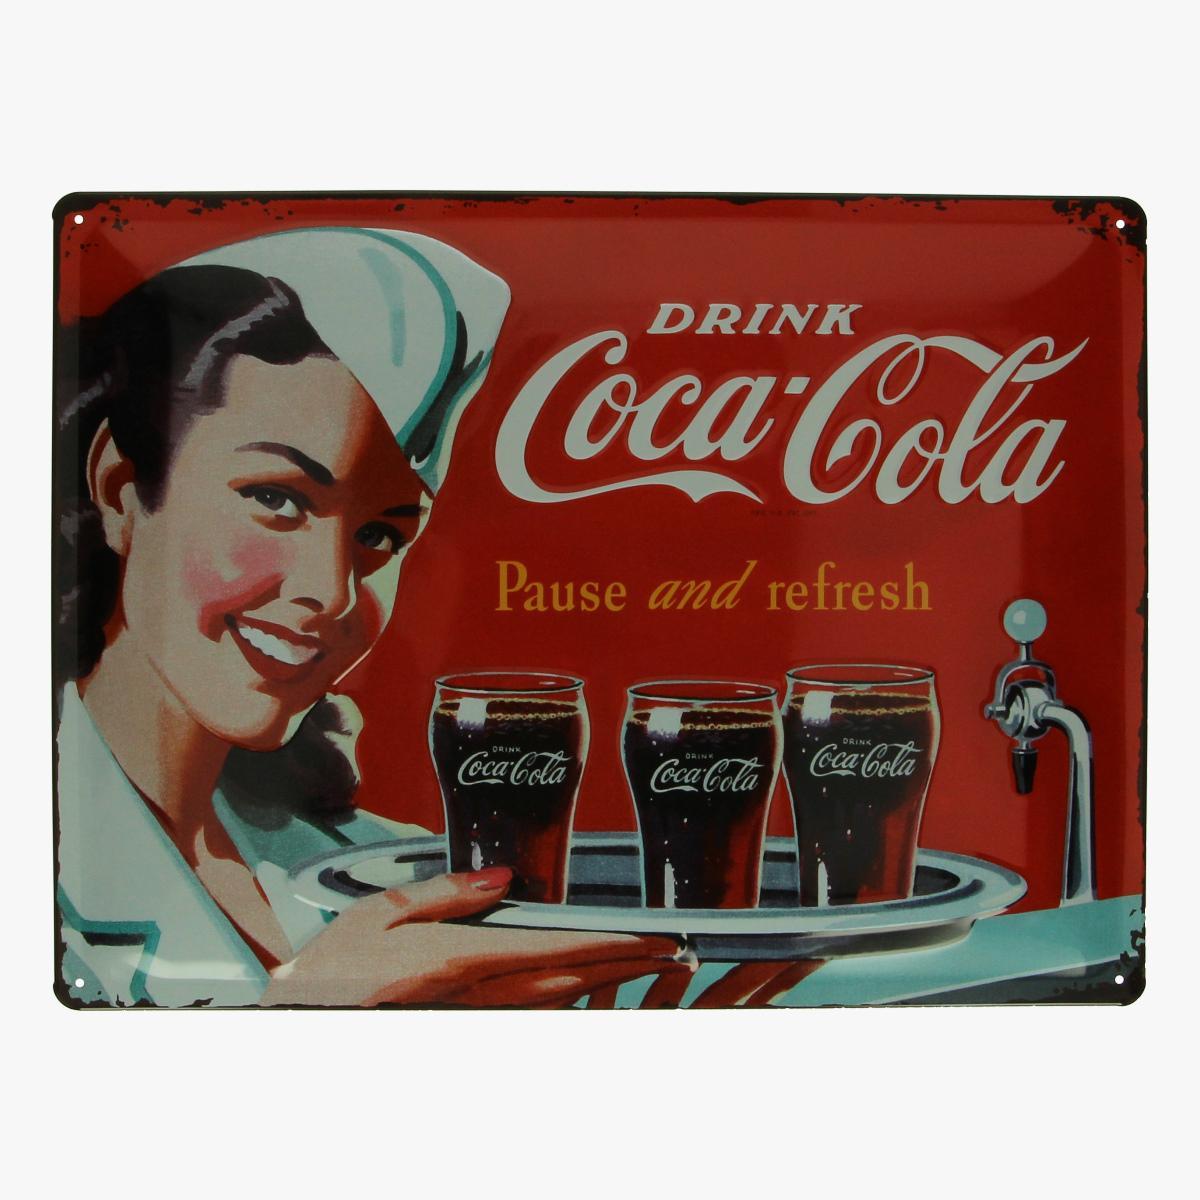 Afbeeldingen van blikken bordje coca cola